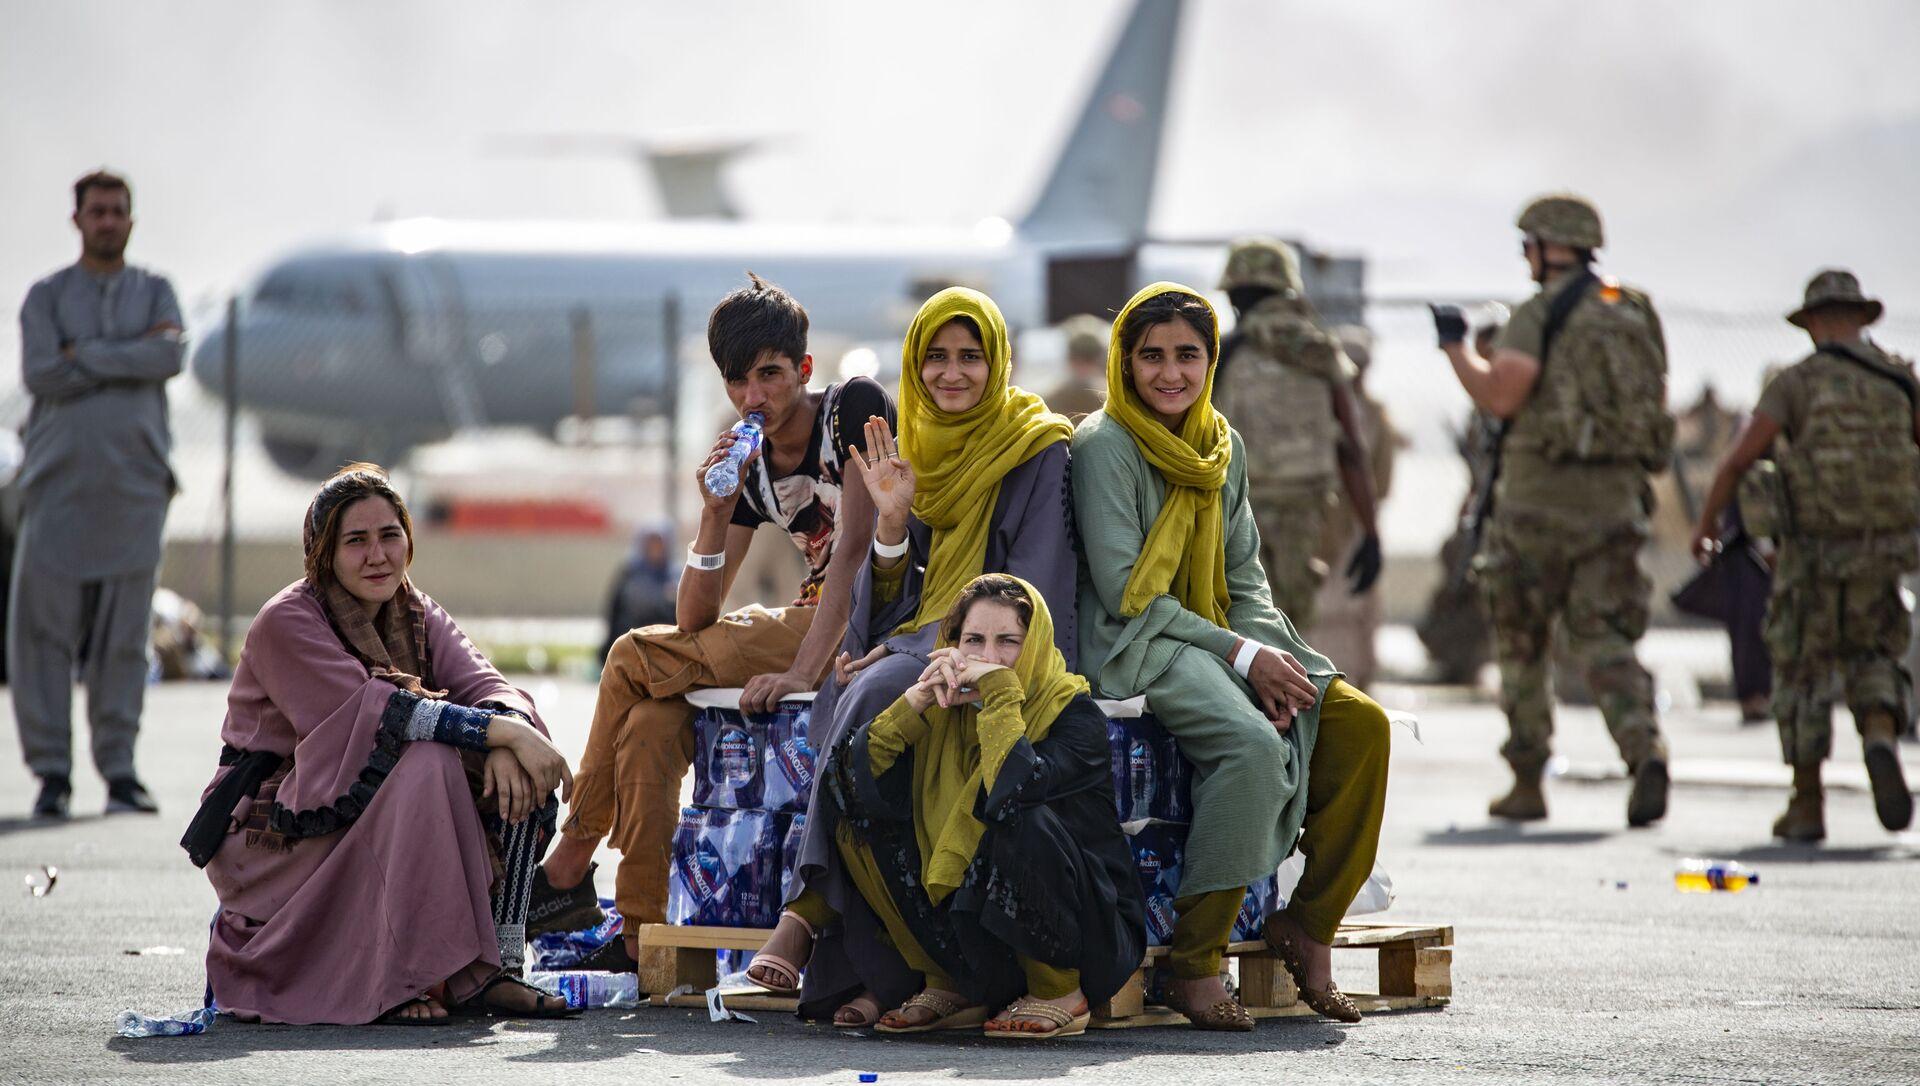 Женщины и дети в ожидании эвакуации в аэропорту Кабула  - Sputnik Азербайджан, 1920, 04.09.2021